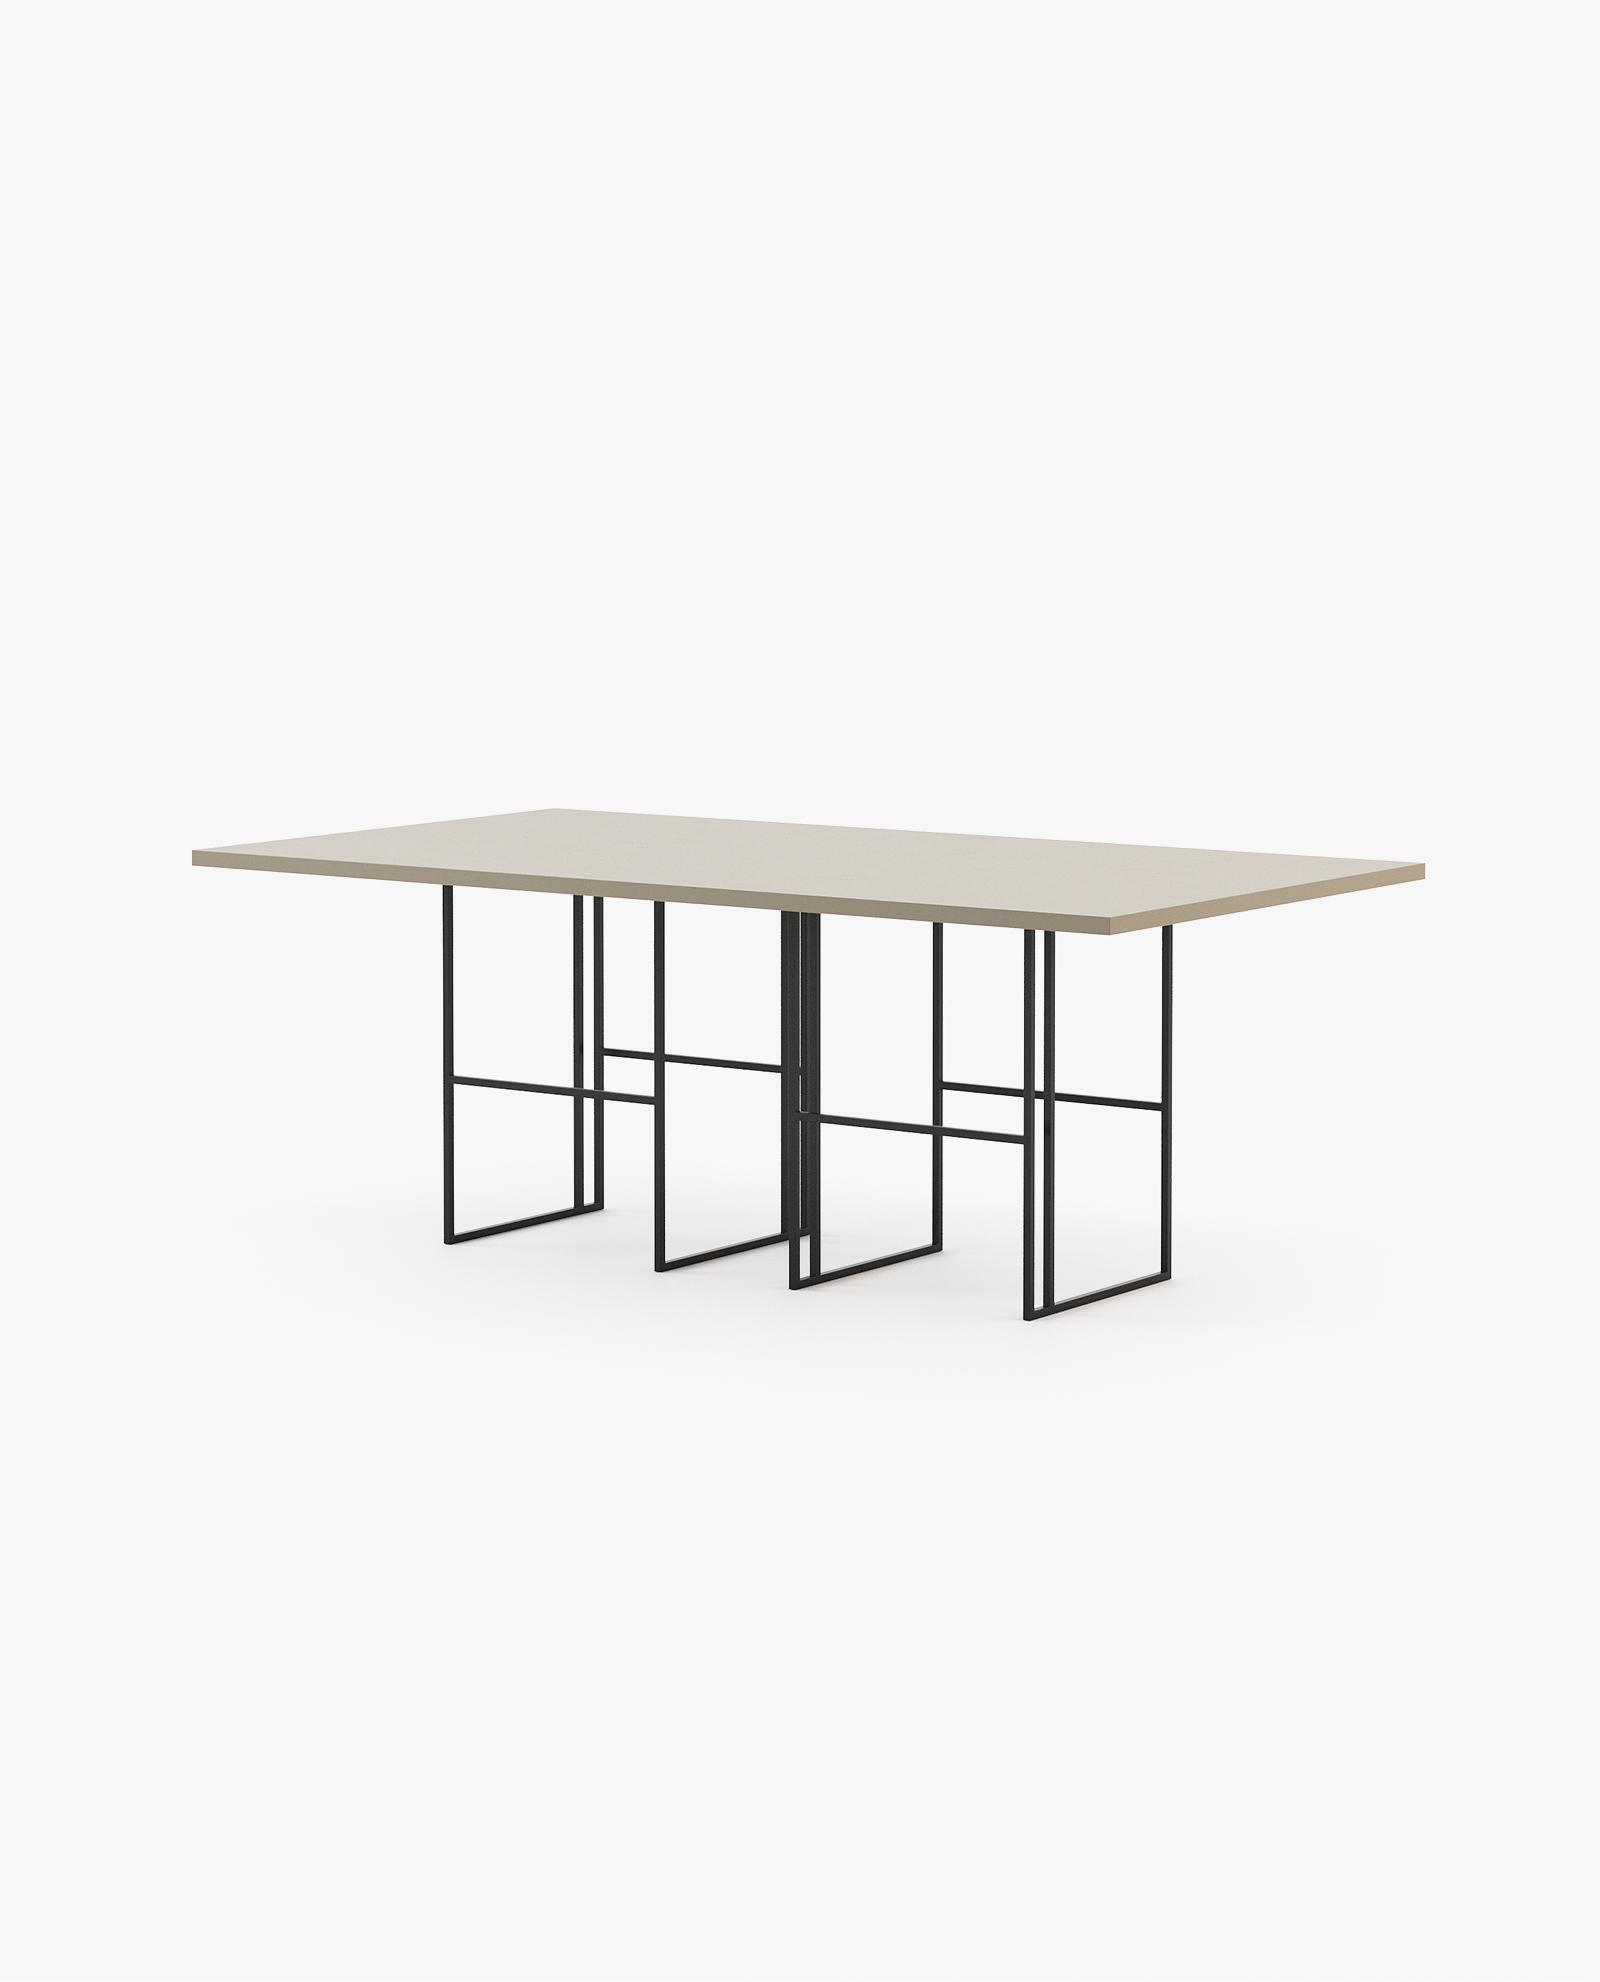 mesa de jantar em madeira e ferro preto